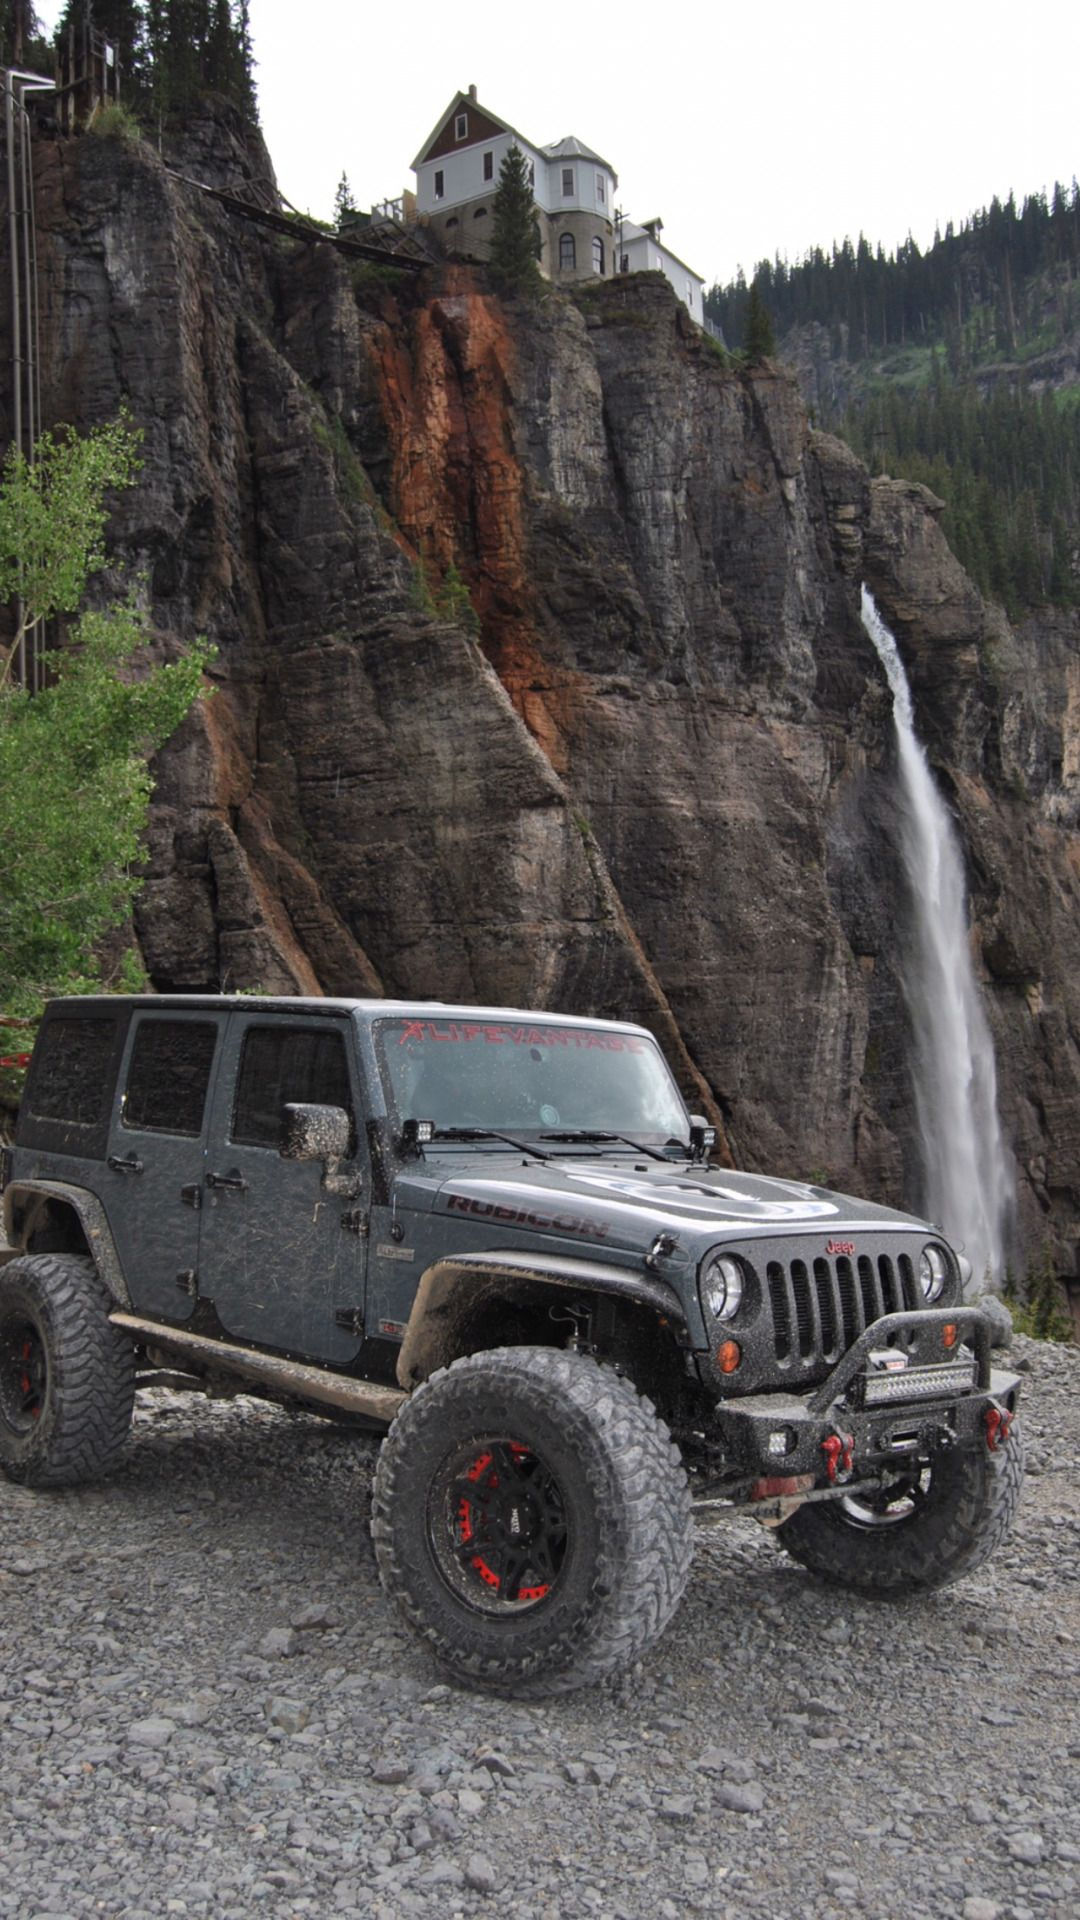 Desvre Jeep Wrangler Rubicon Dream Cars Jeep Jeep Wrangler